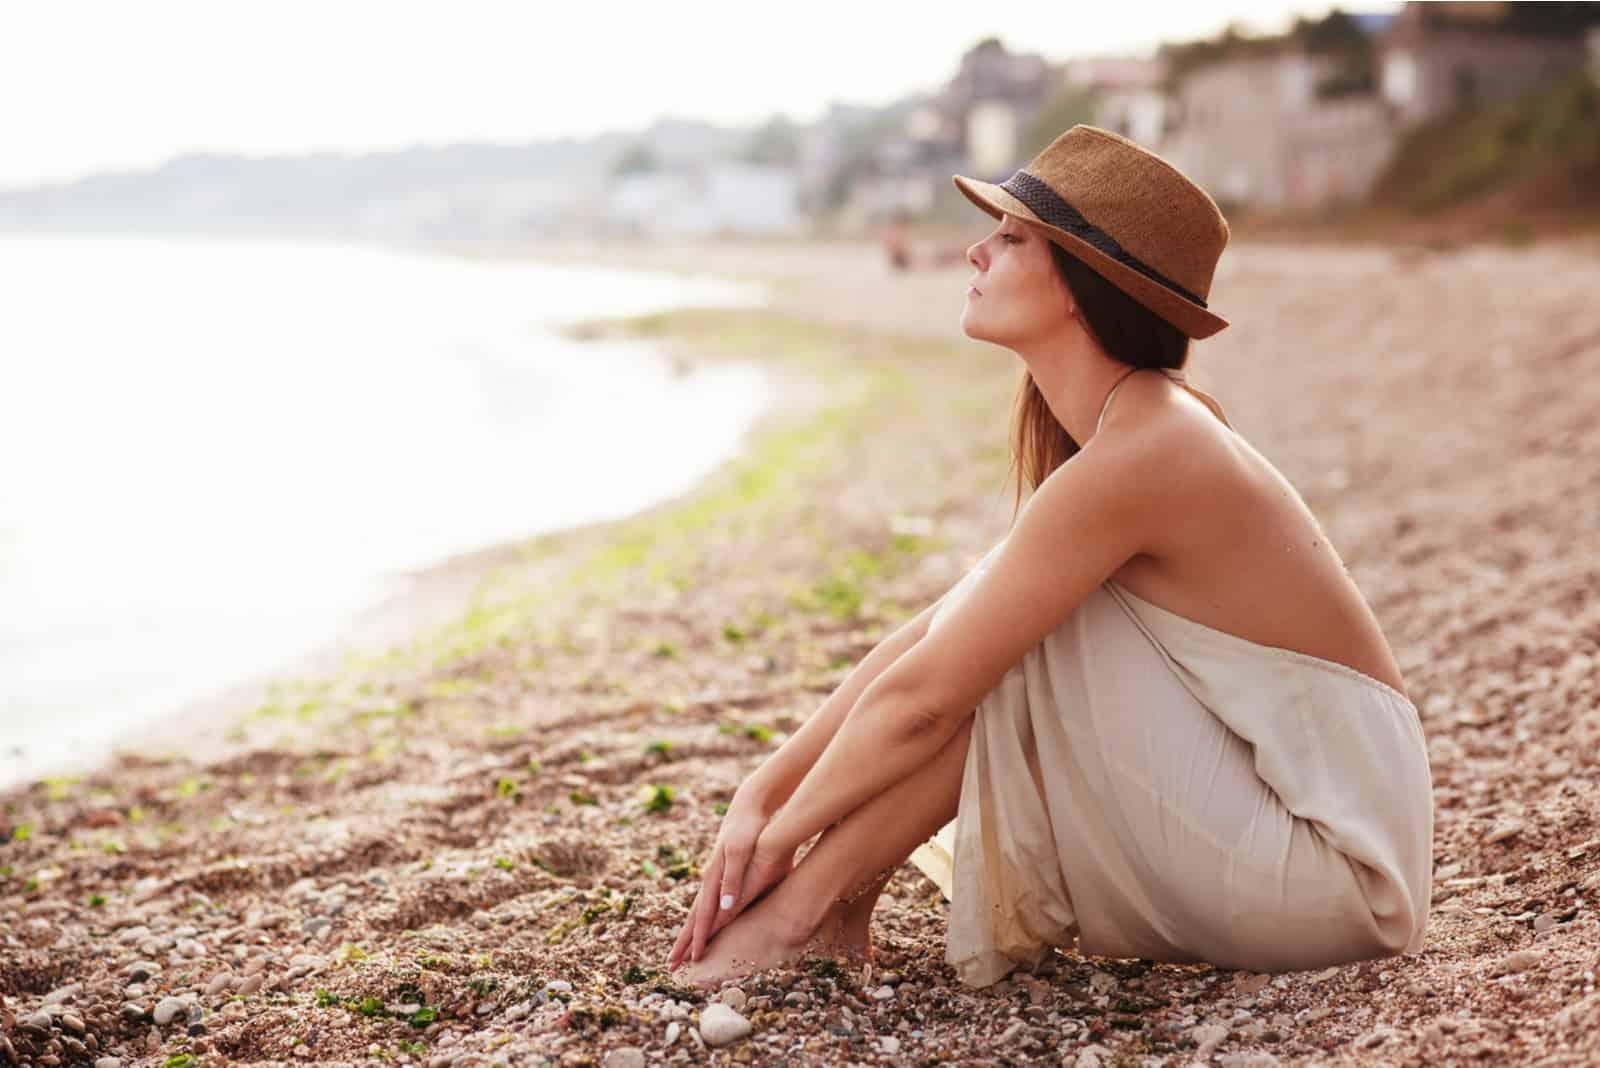 Eine Frau mit langen braunen Haaren und einem Hut auf dem Kopf sitzt am Strand